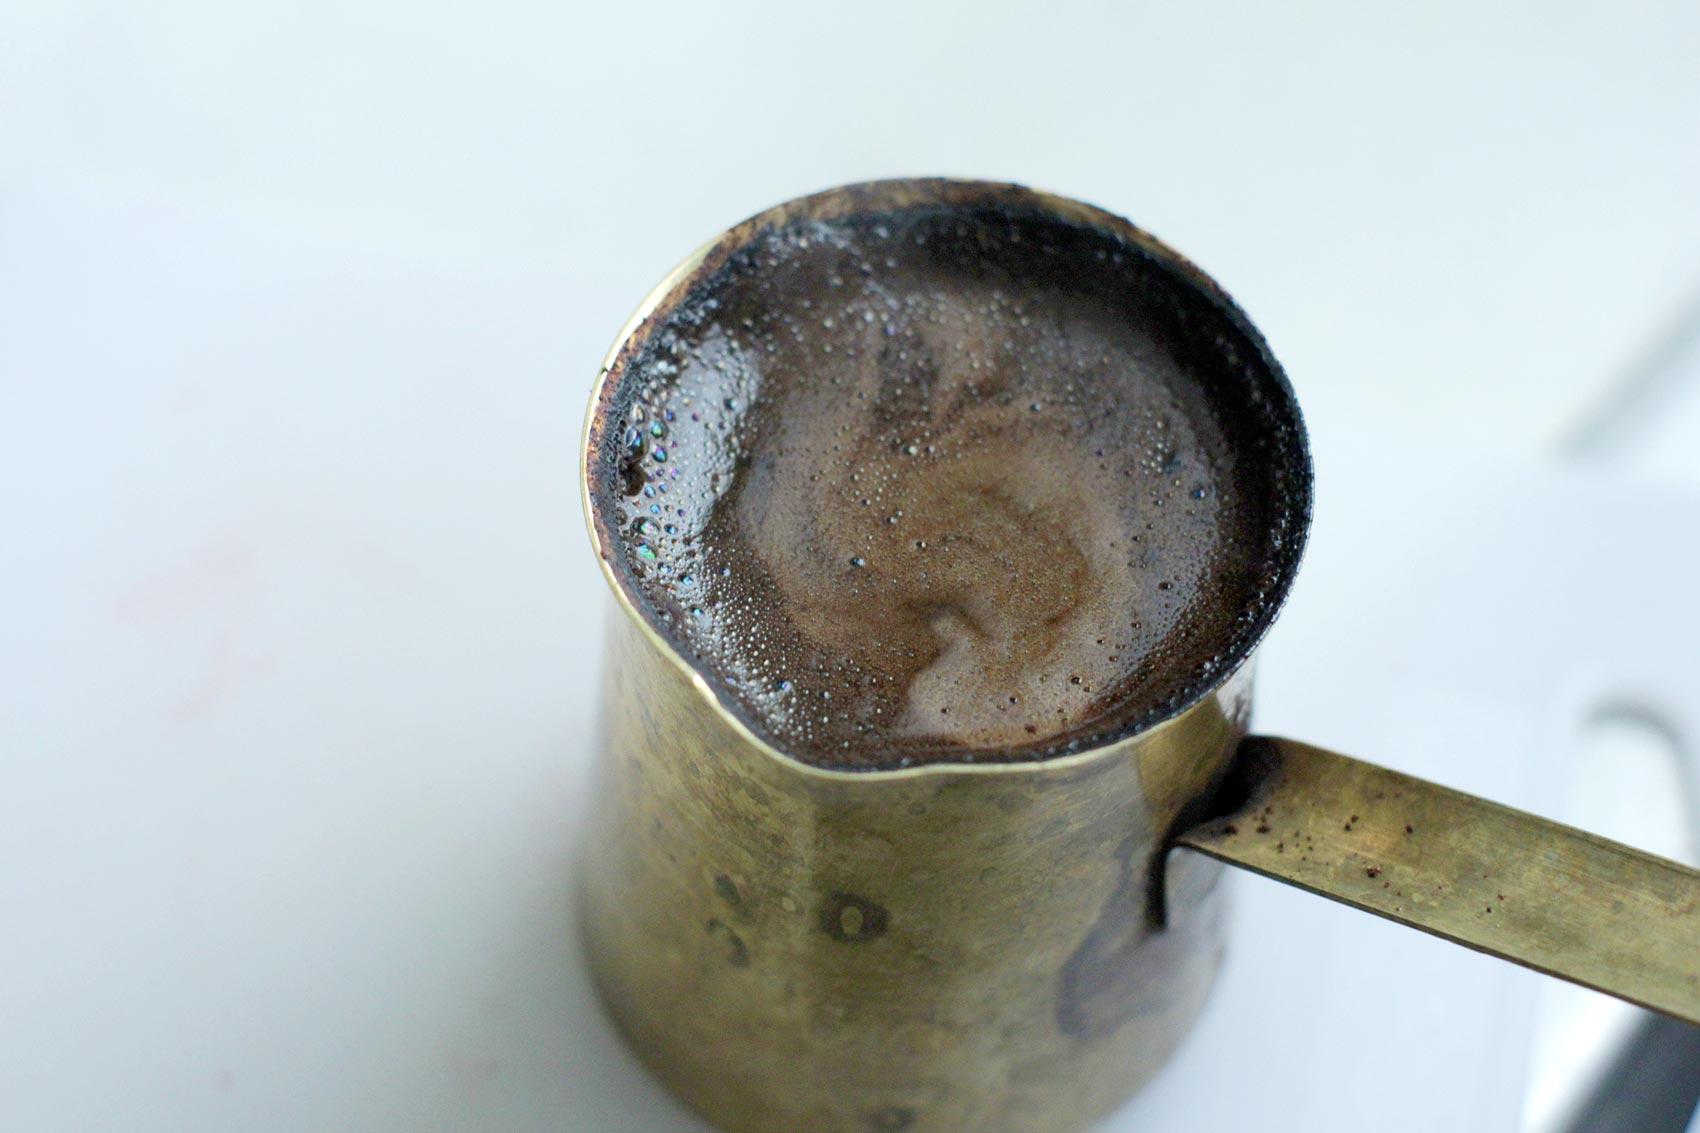 Türkischer Kaffee. CafCaf – Kaffee & Blog, Kaffeeblog